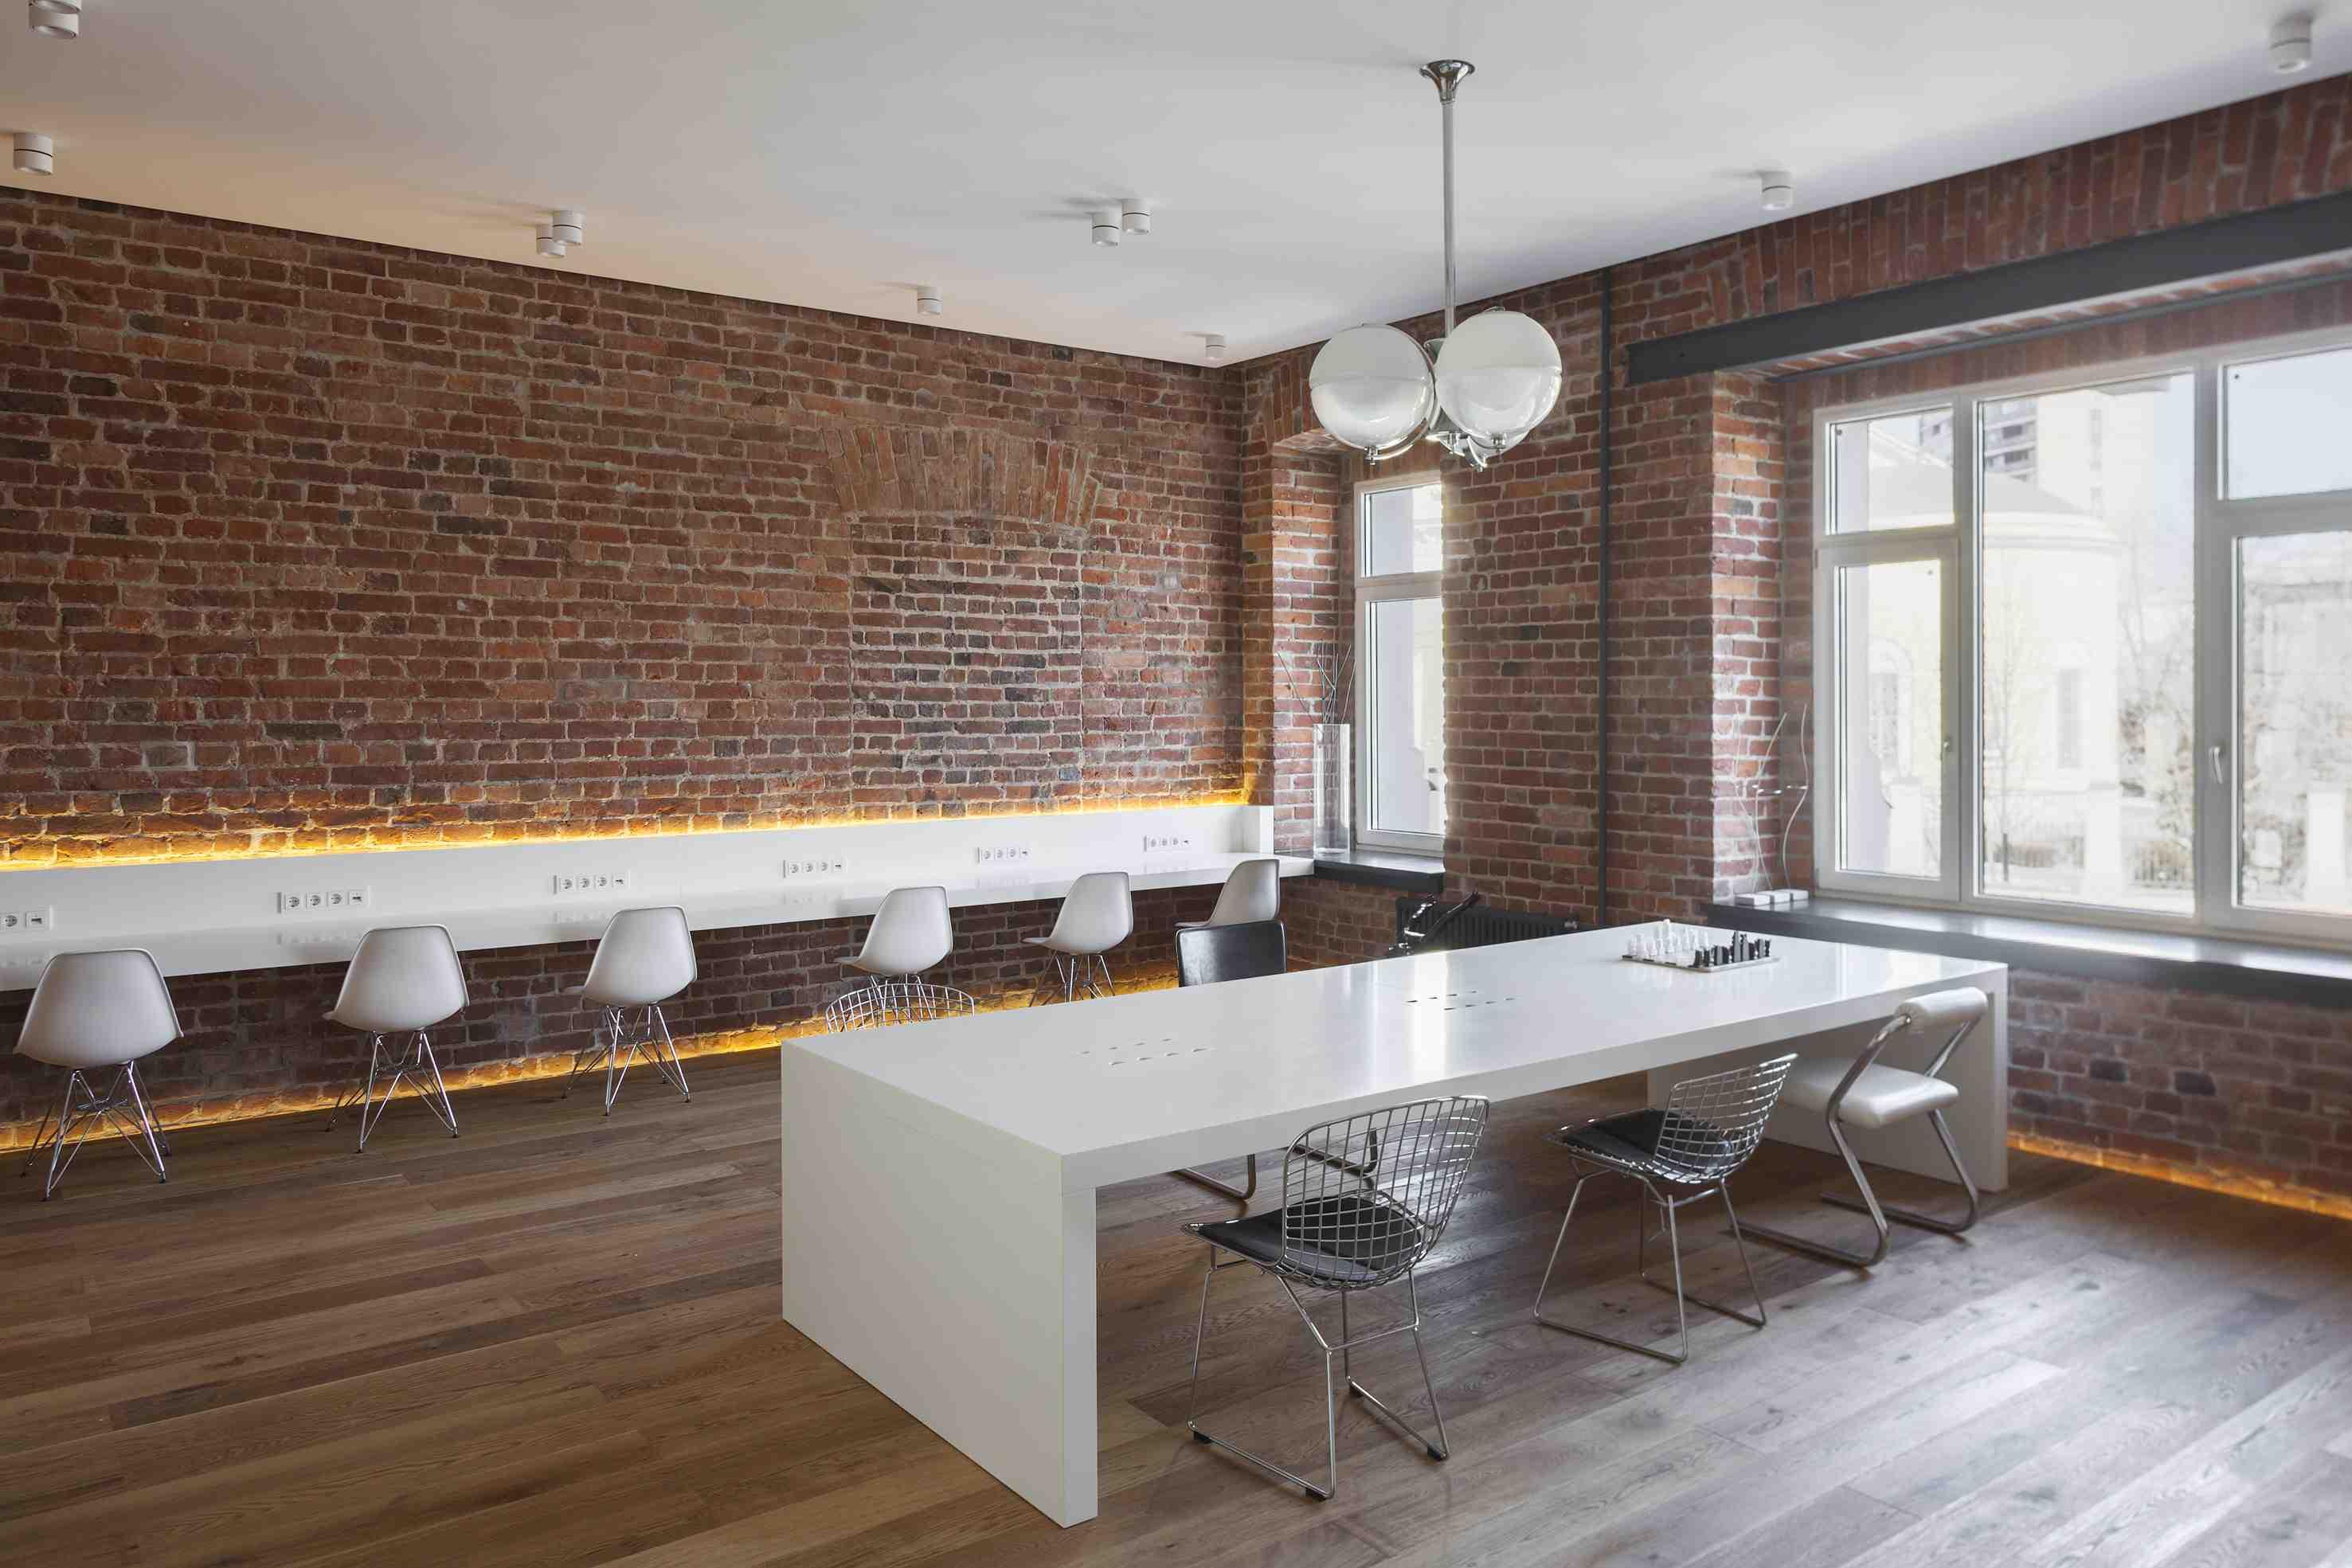 Рабочая мебель для лофта отличается своей простотой